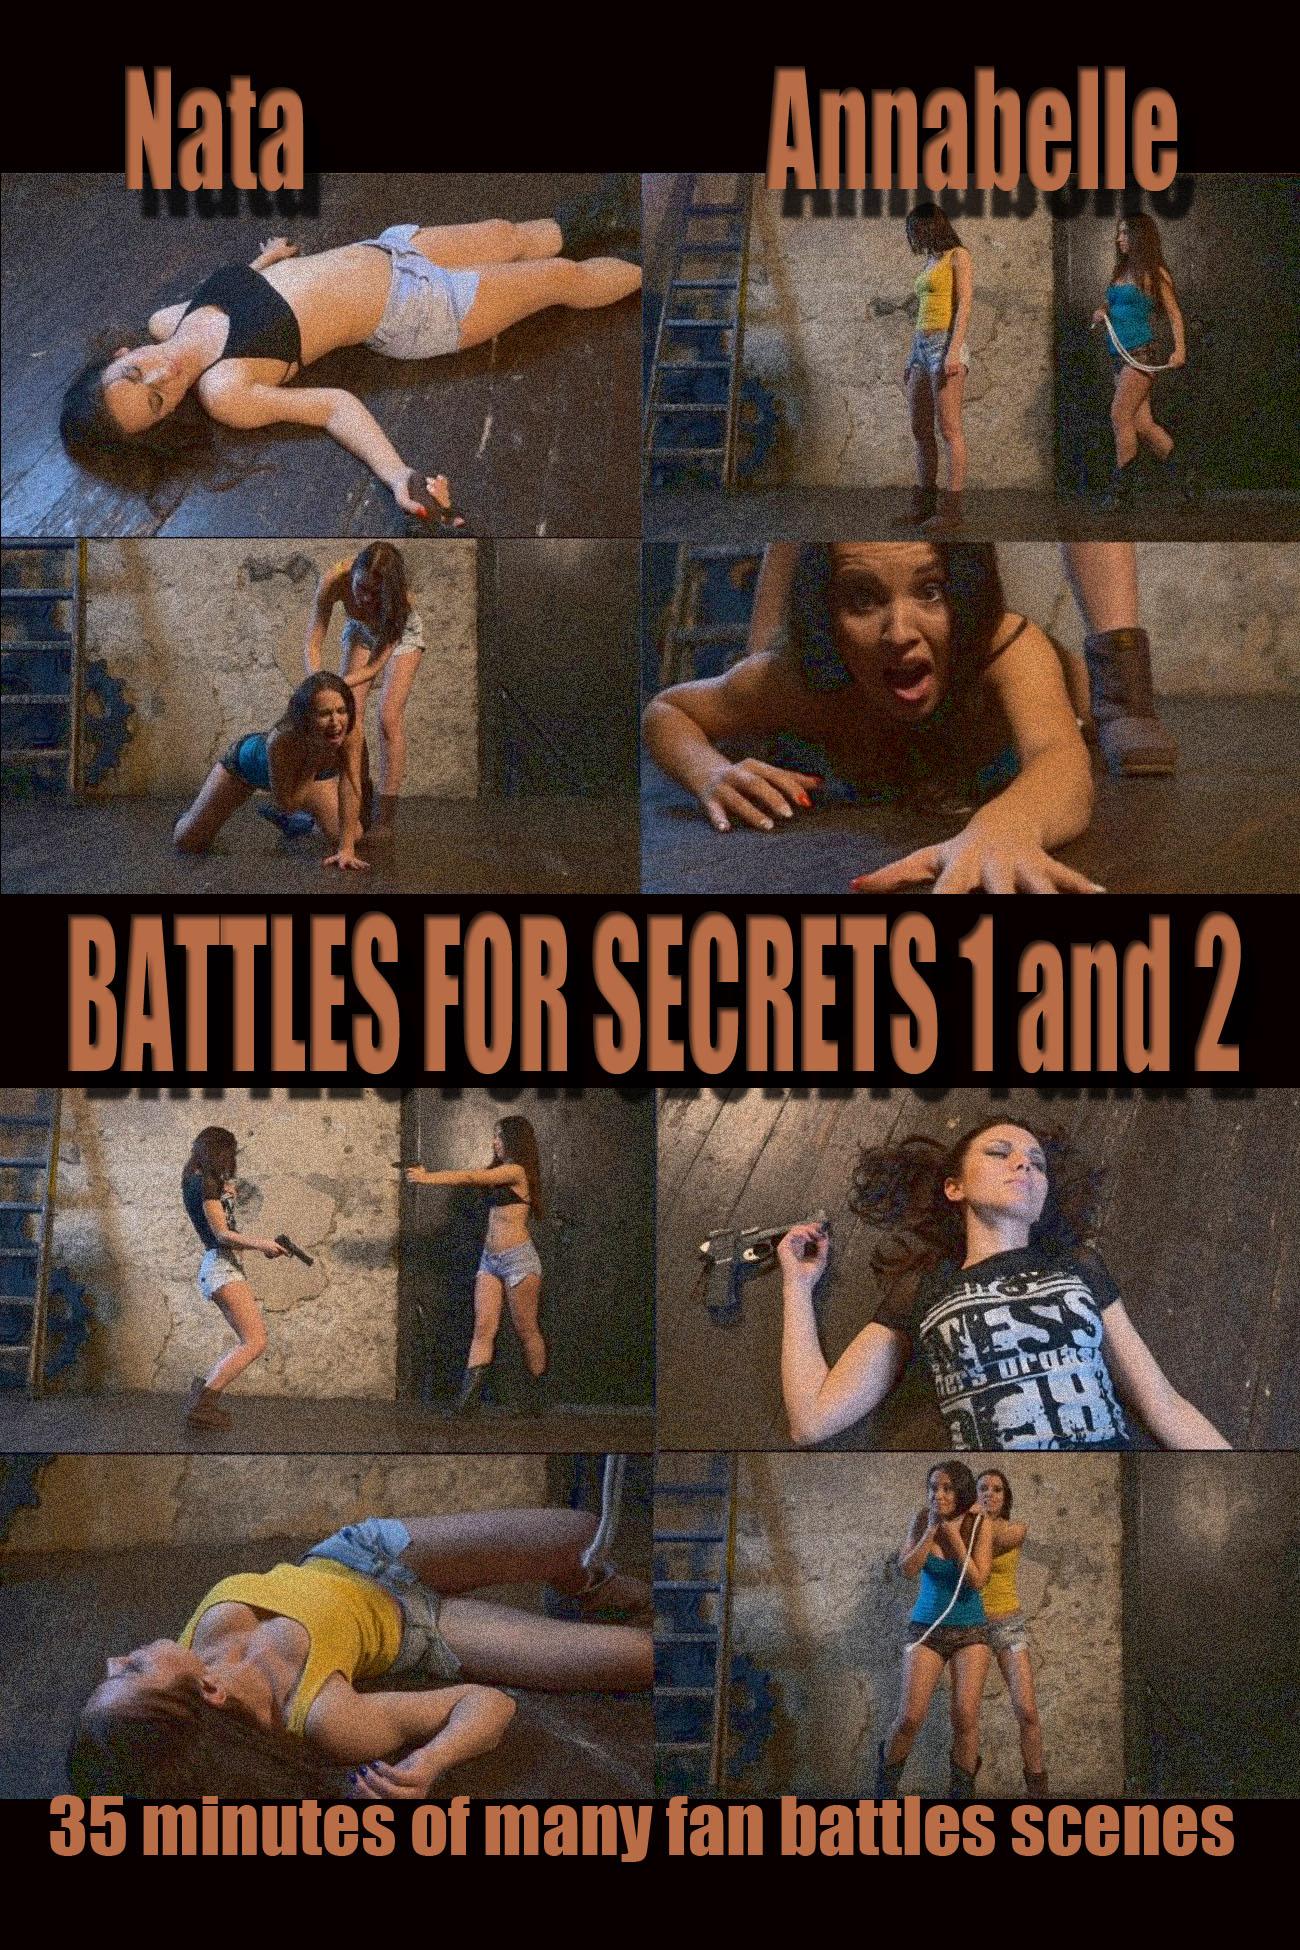 BATTLES FOR SECRETS